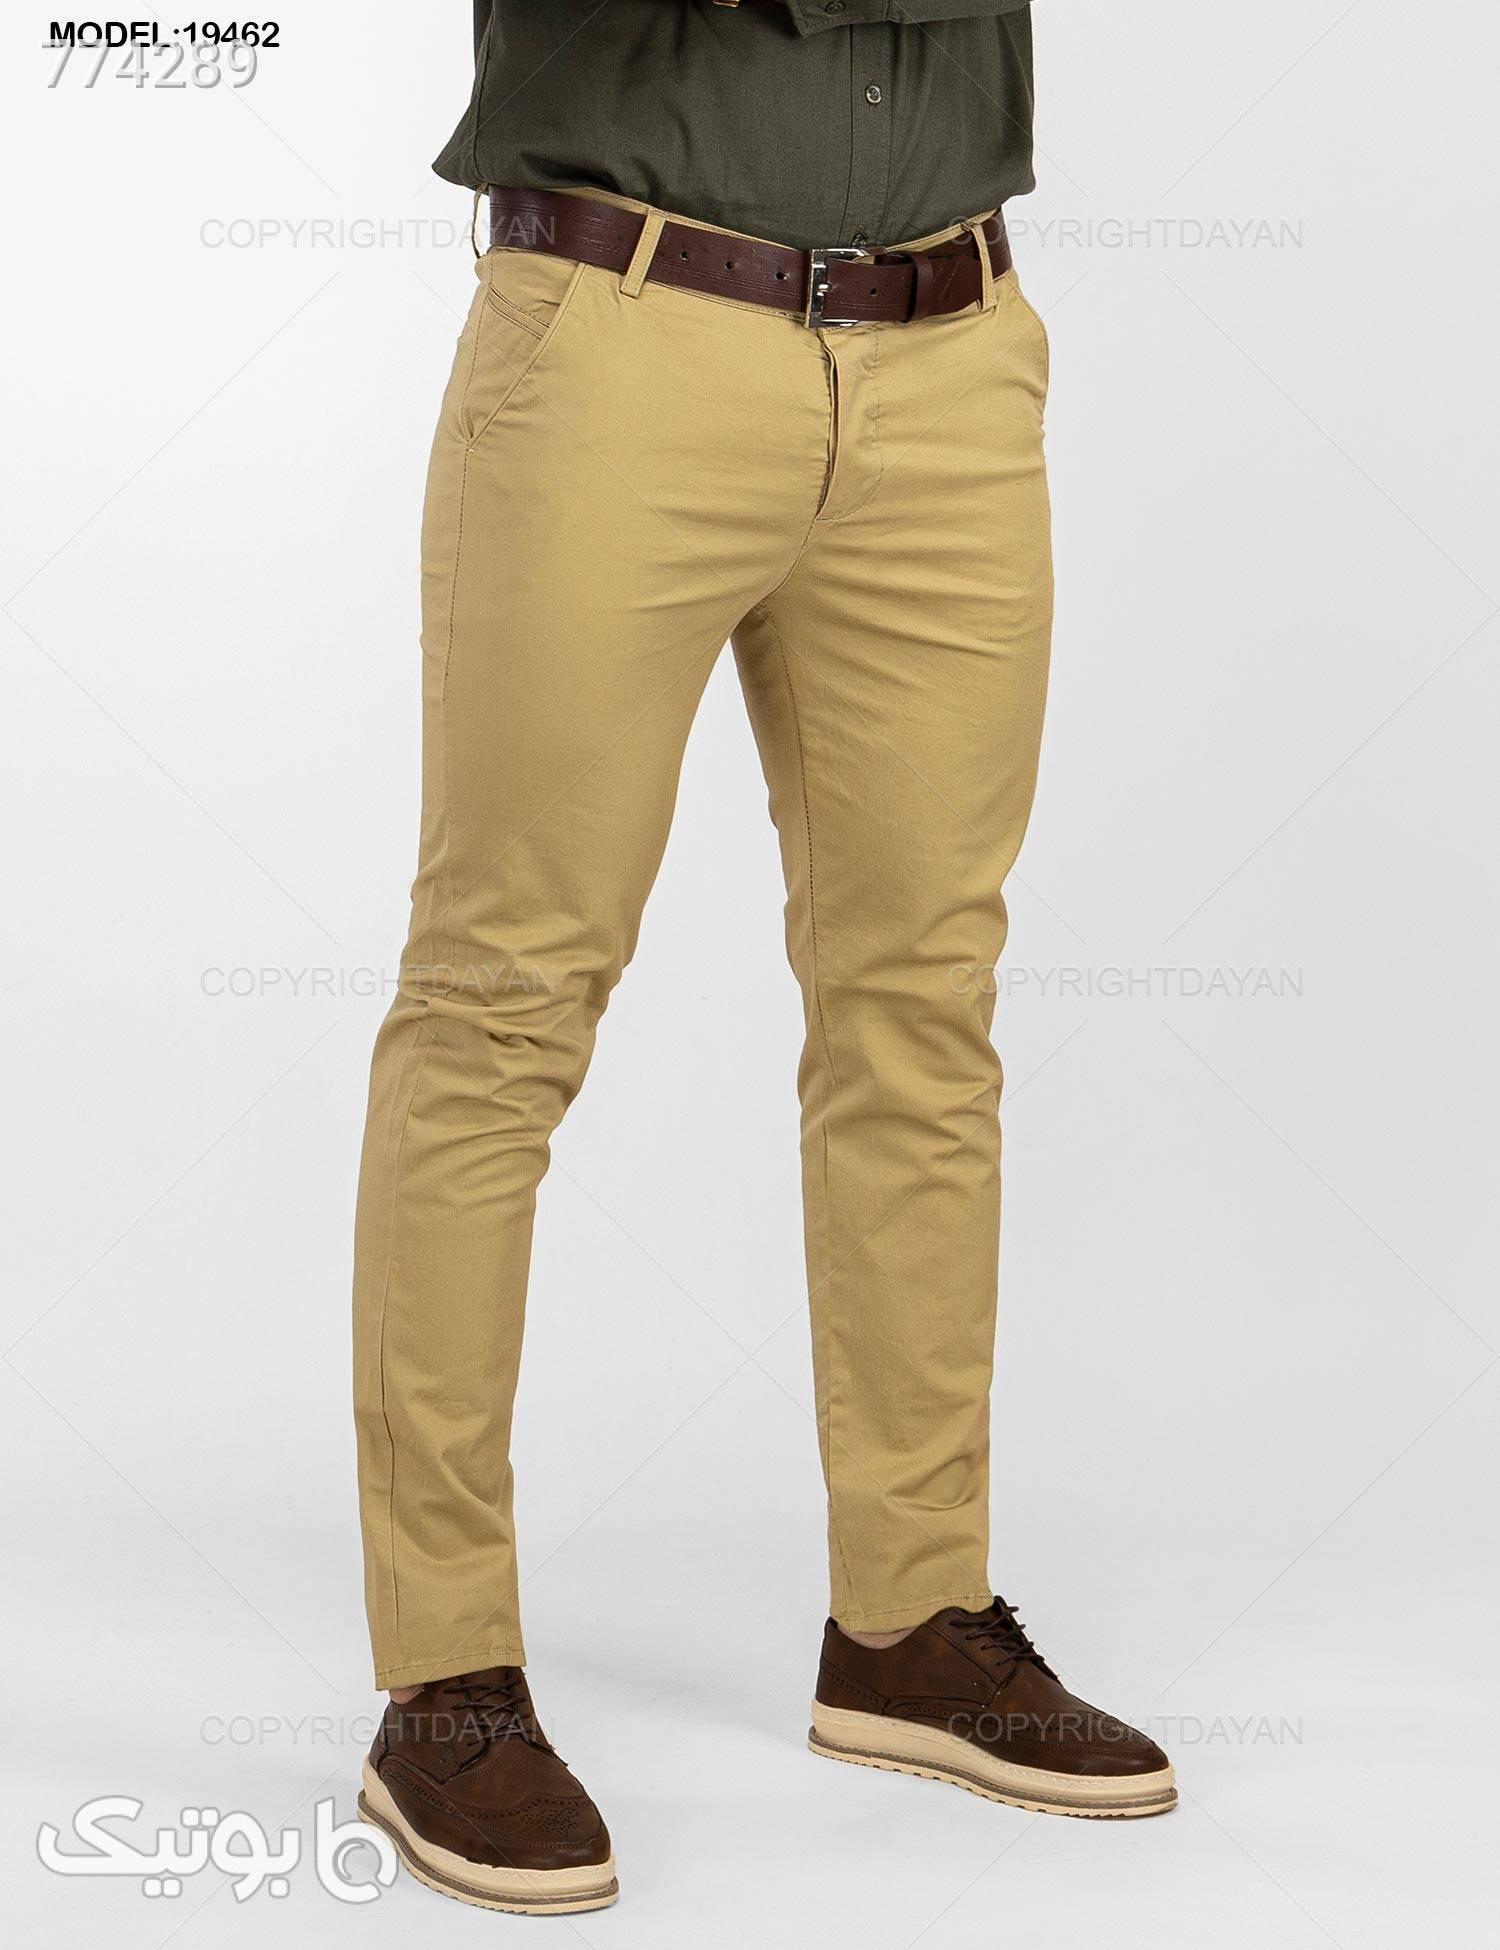 شلوار مردانه Louis Vuitton مدل 19462 کرم شلوار مردانه پارچه ای و کتان مردانه